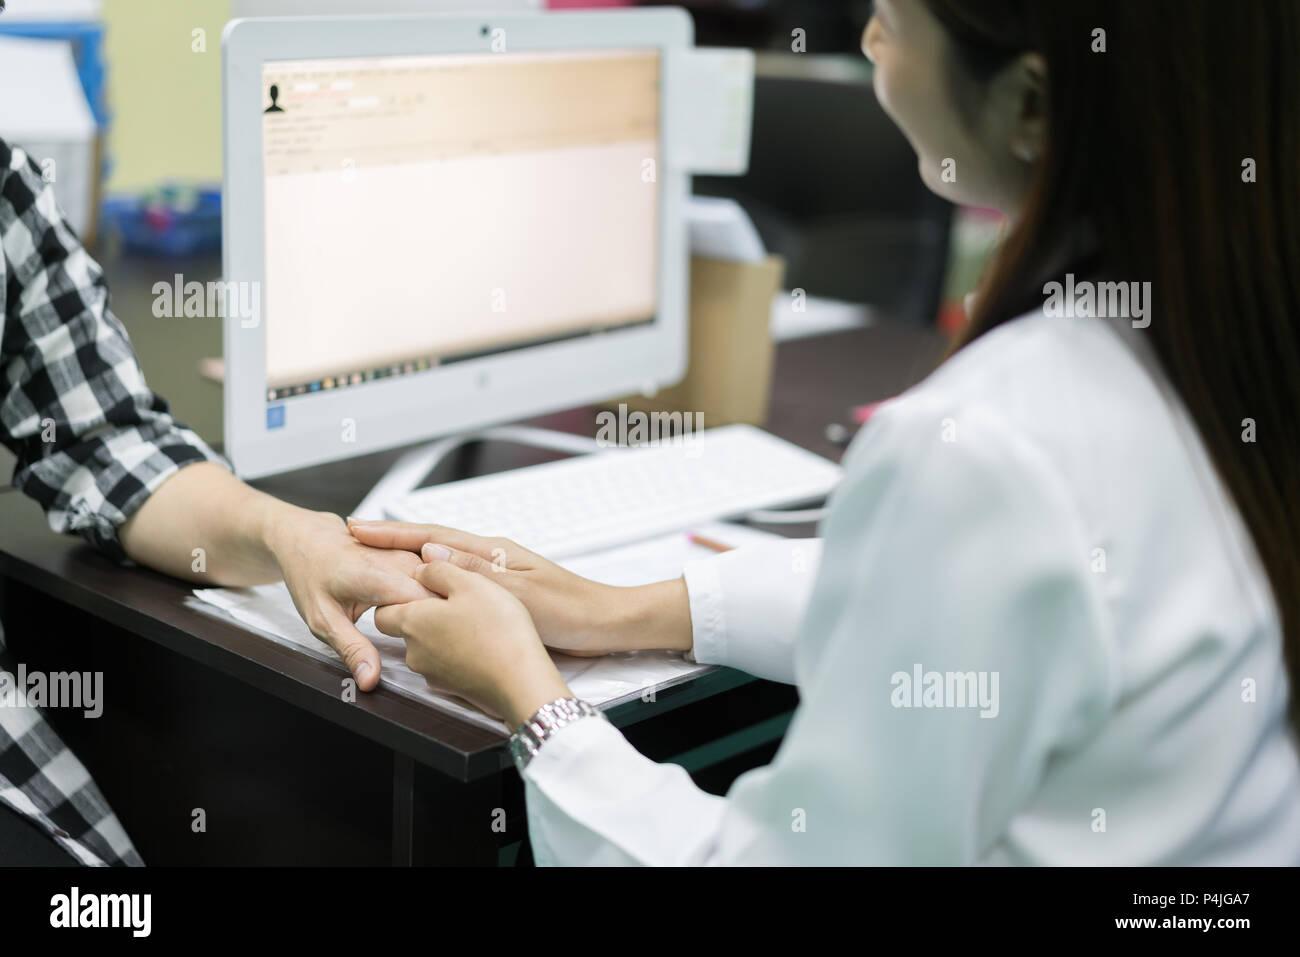 Amable doctora manos sosteniendo la mano del paciente sentado al escritorio de aliento, de empatía, vítores y apoyo al examen médico. Mala n Imagen De Stock